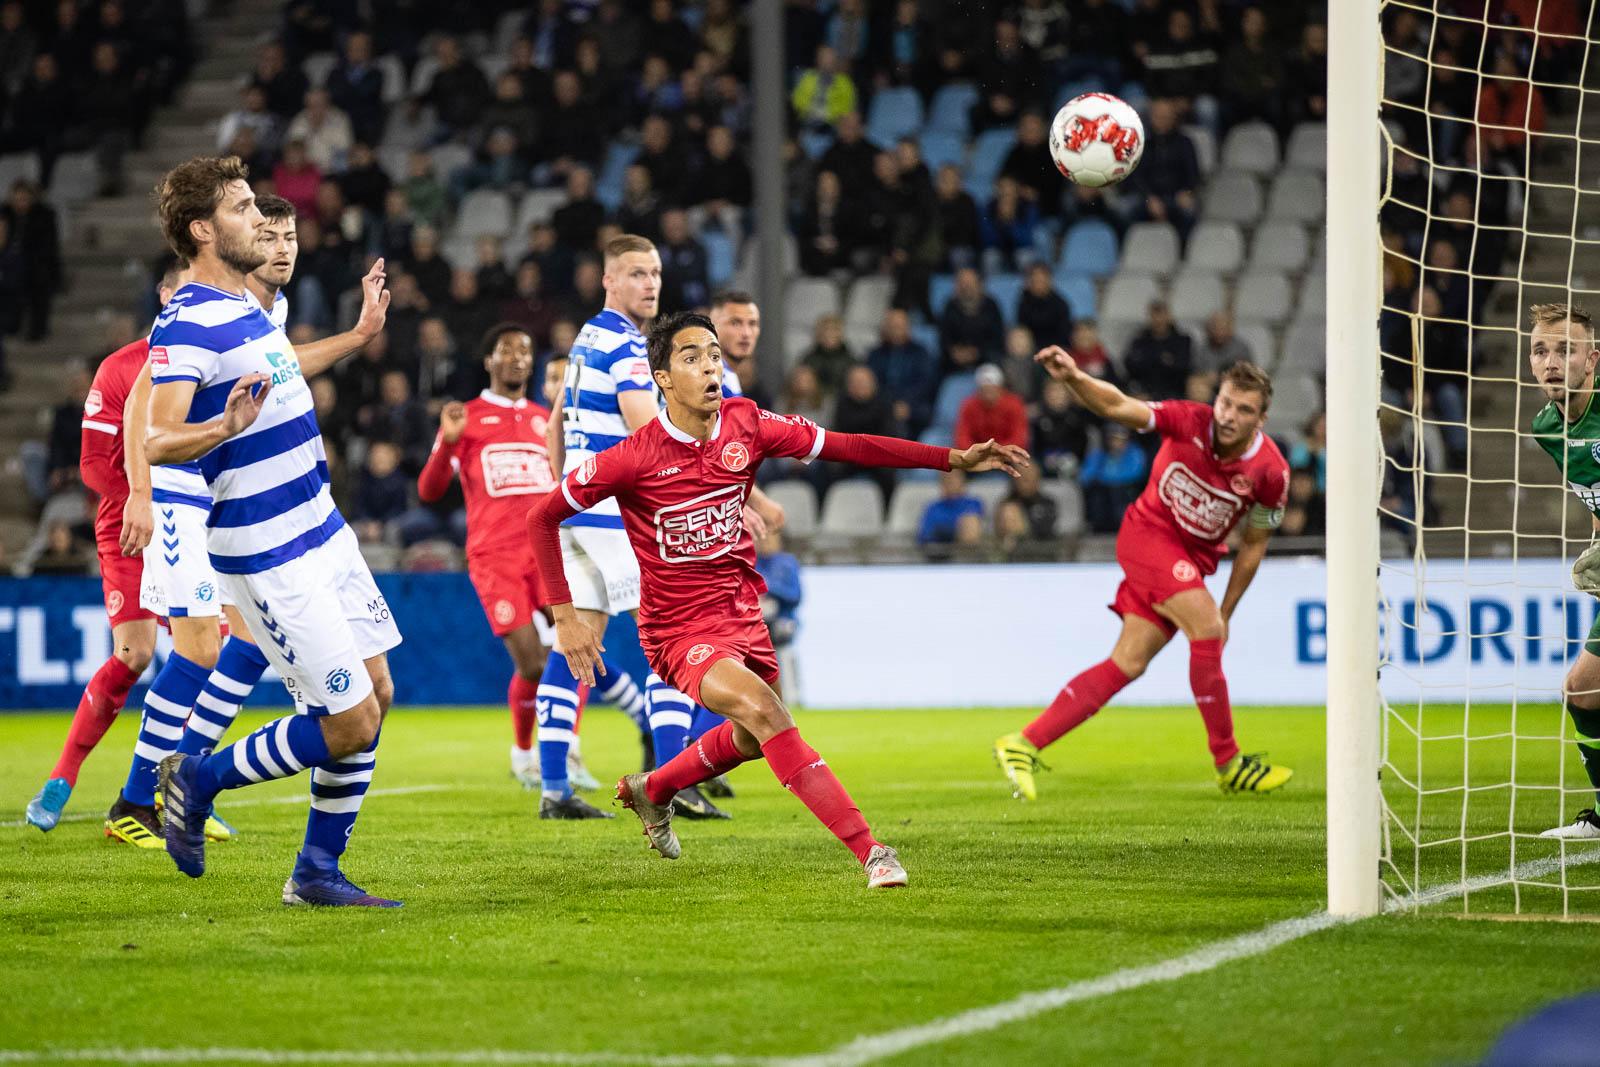 Kans op langverwachte wraak voor Almere City FC